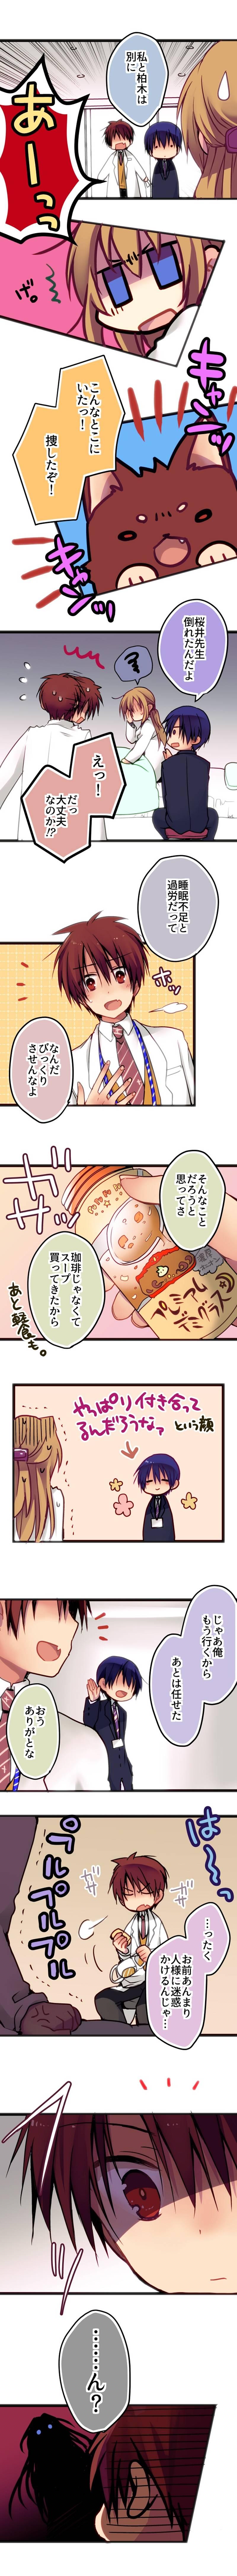 恋愛証明017 第12話